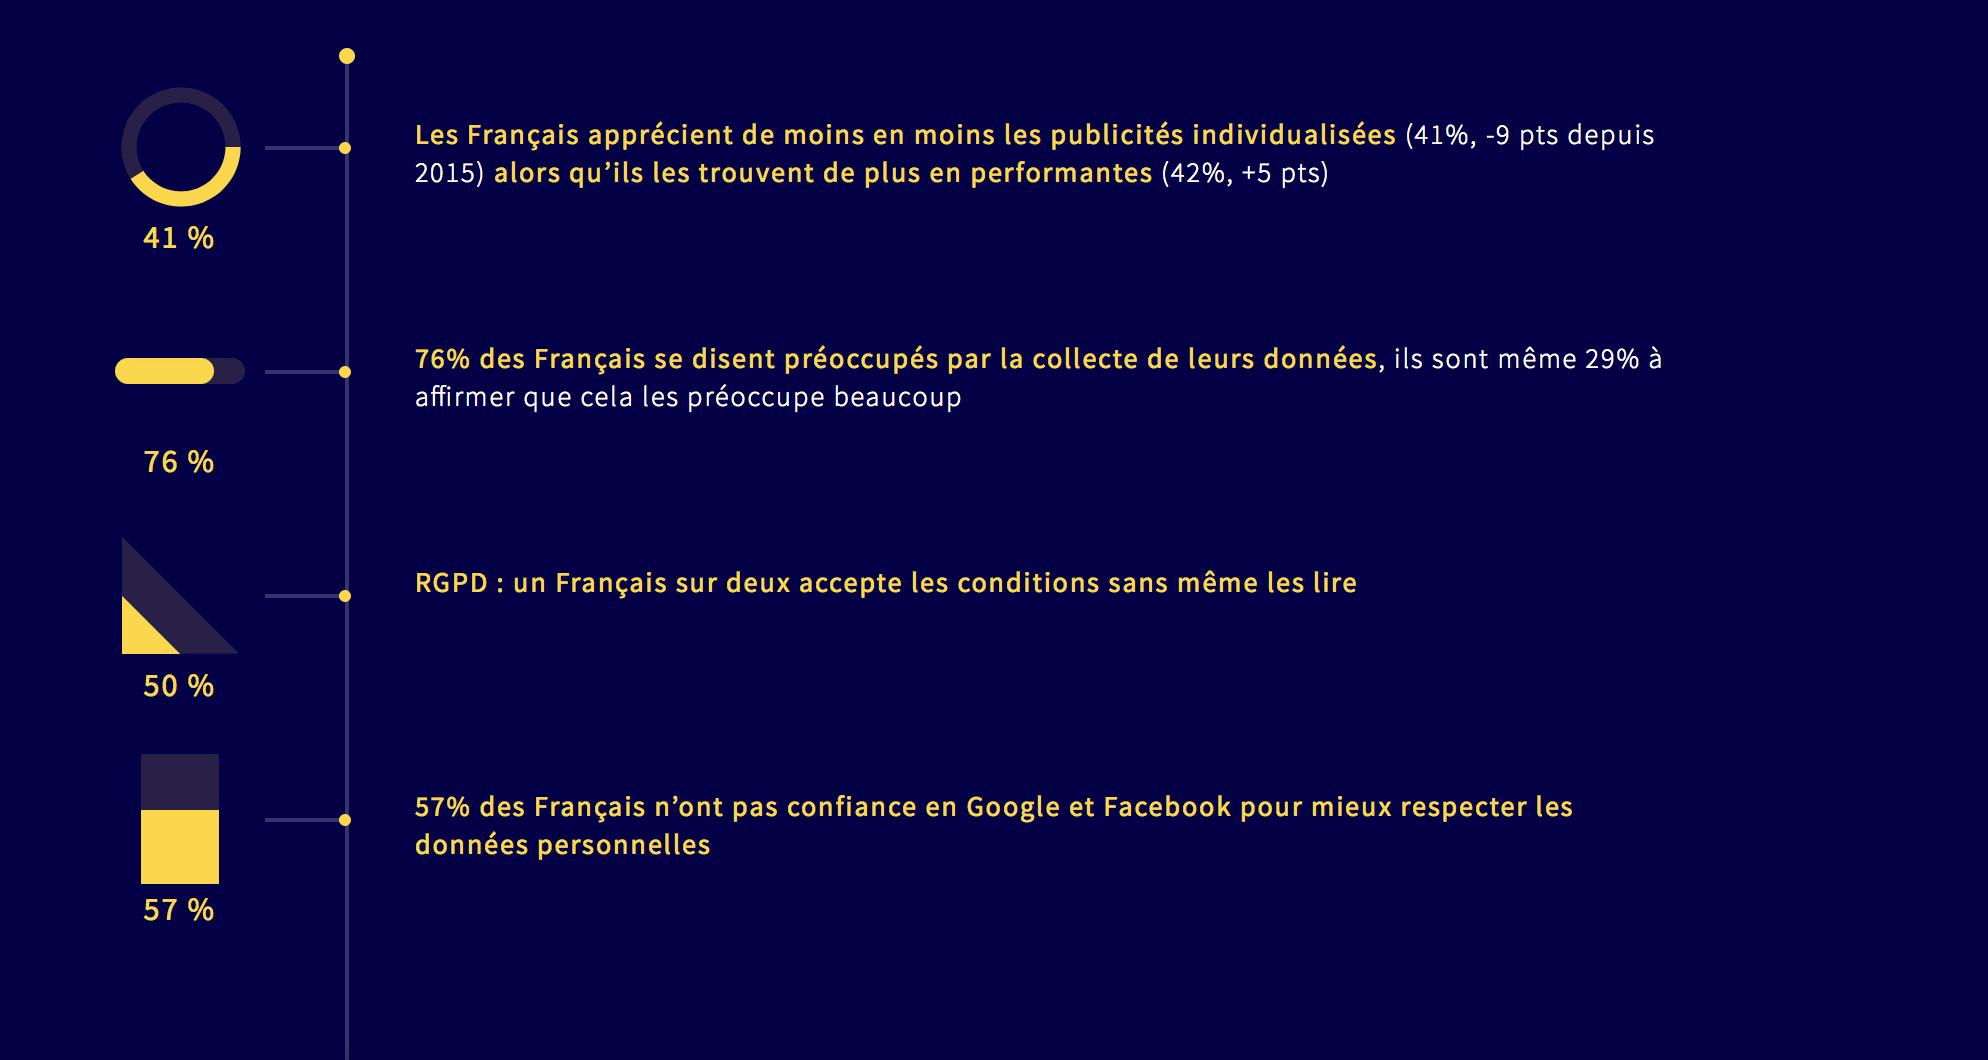 Visuel qui synthétise la relation entre le rgpd et les Français